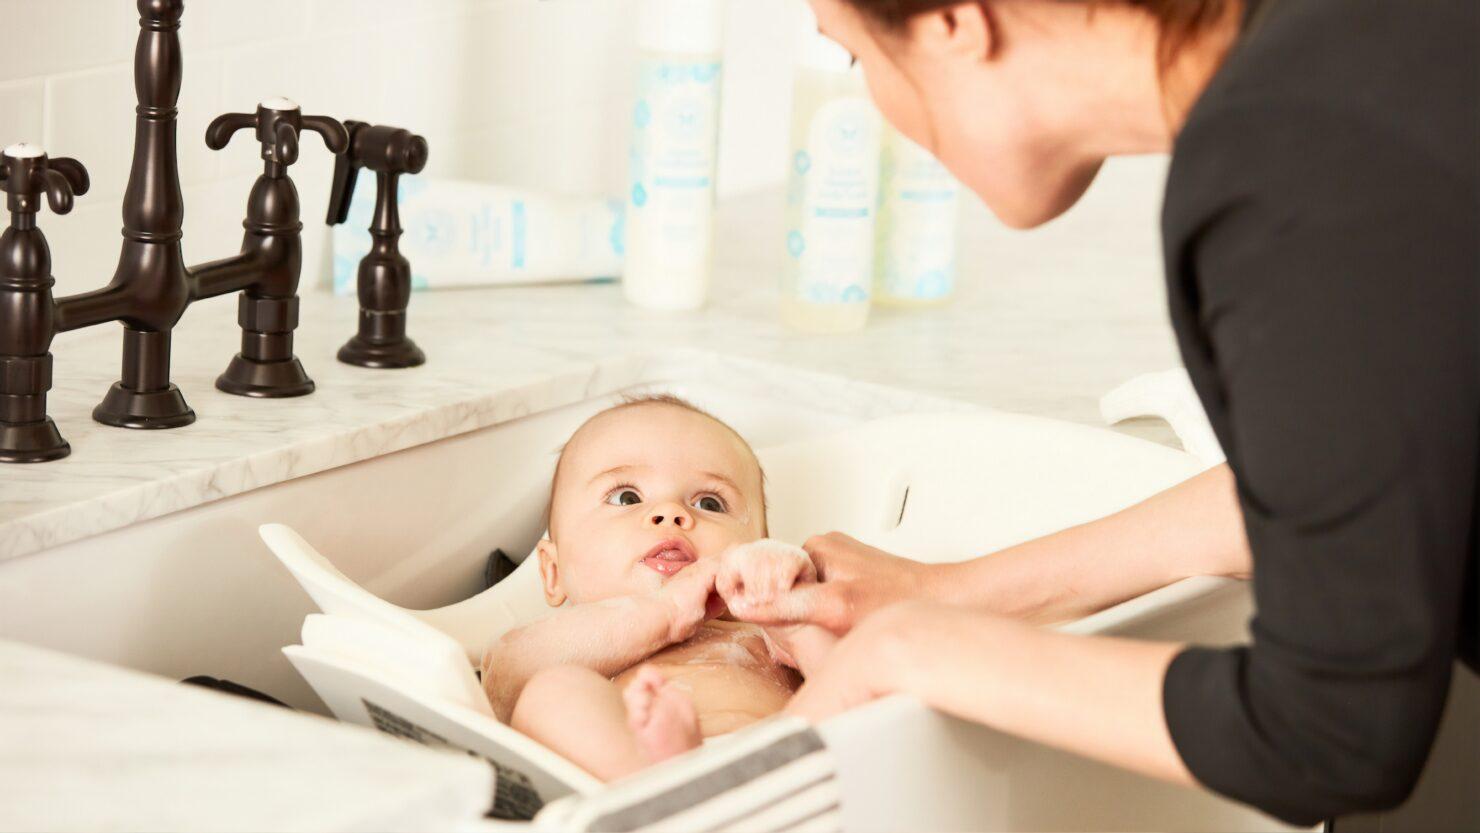 赤ちゃんの沐浴のやり方! 必要アイテム、新生児を洗うコツ、わかりやすい動画も紹介!